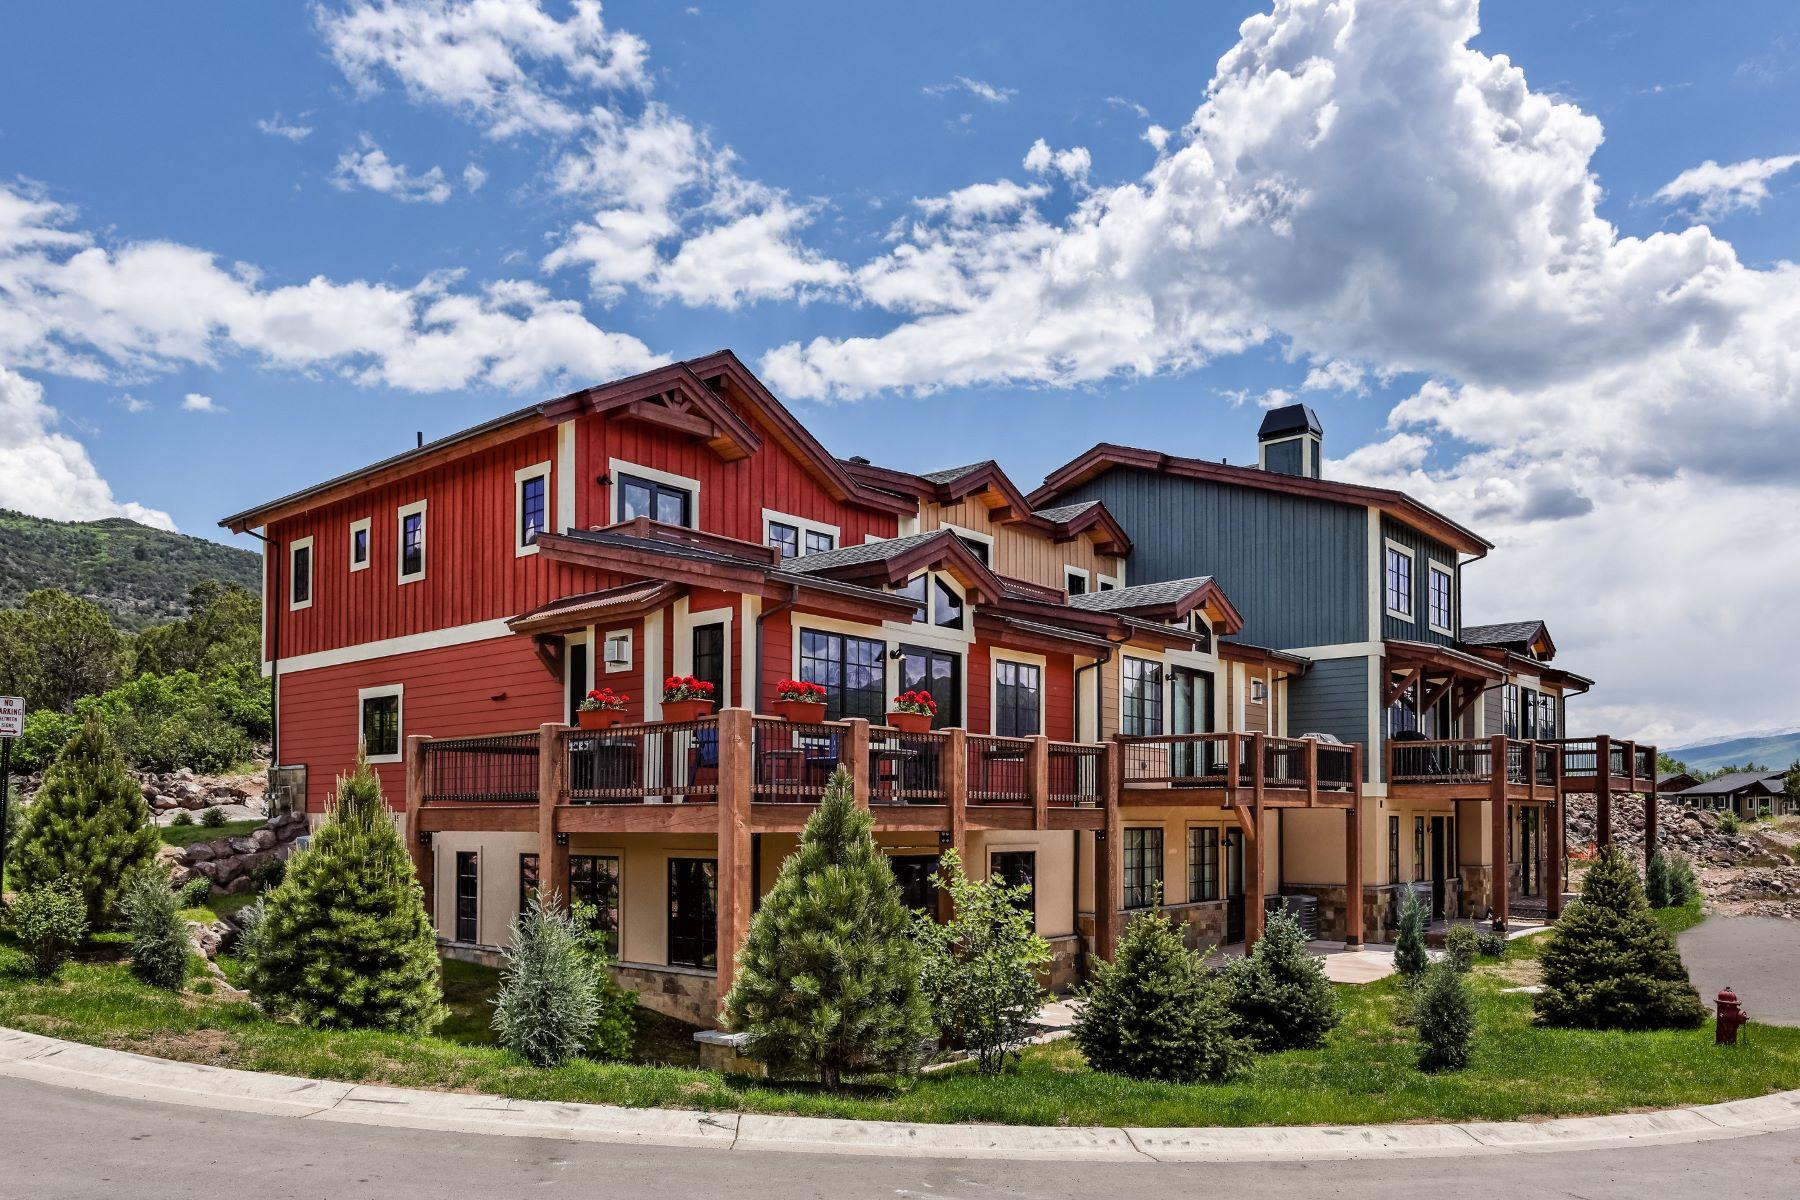 타운하우스 용 매매 에 Best Views at Shadowrock 217 Overlook Ridge Carbondale, 콜로라도, 81623 미국에서/약: Aspen